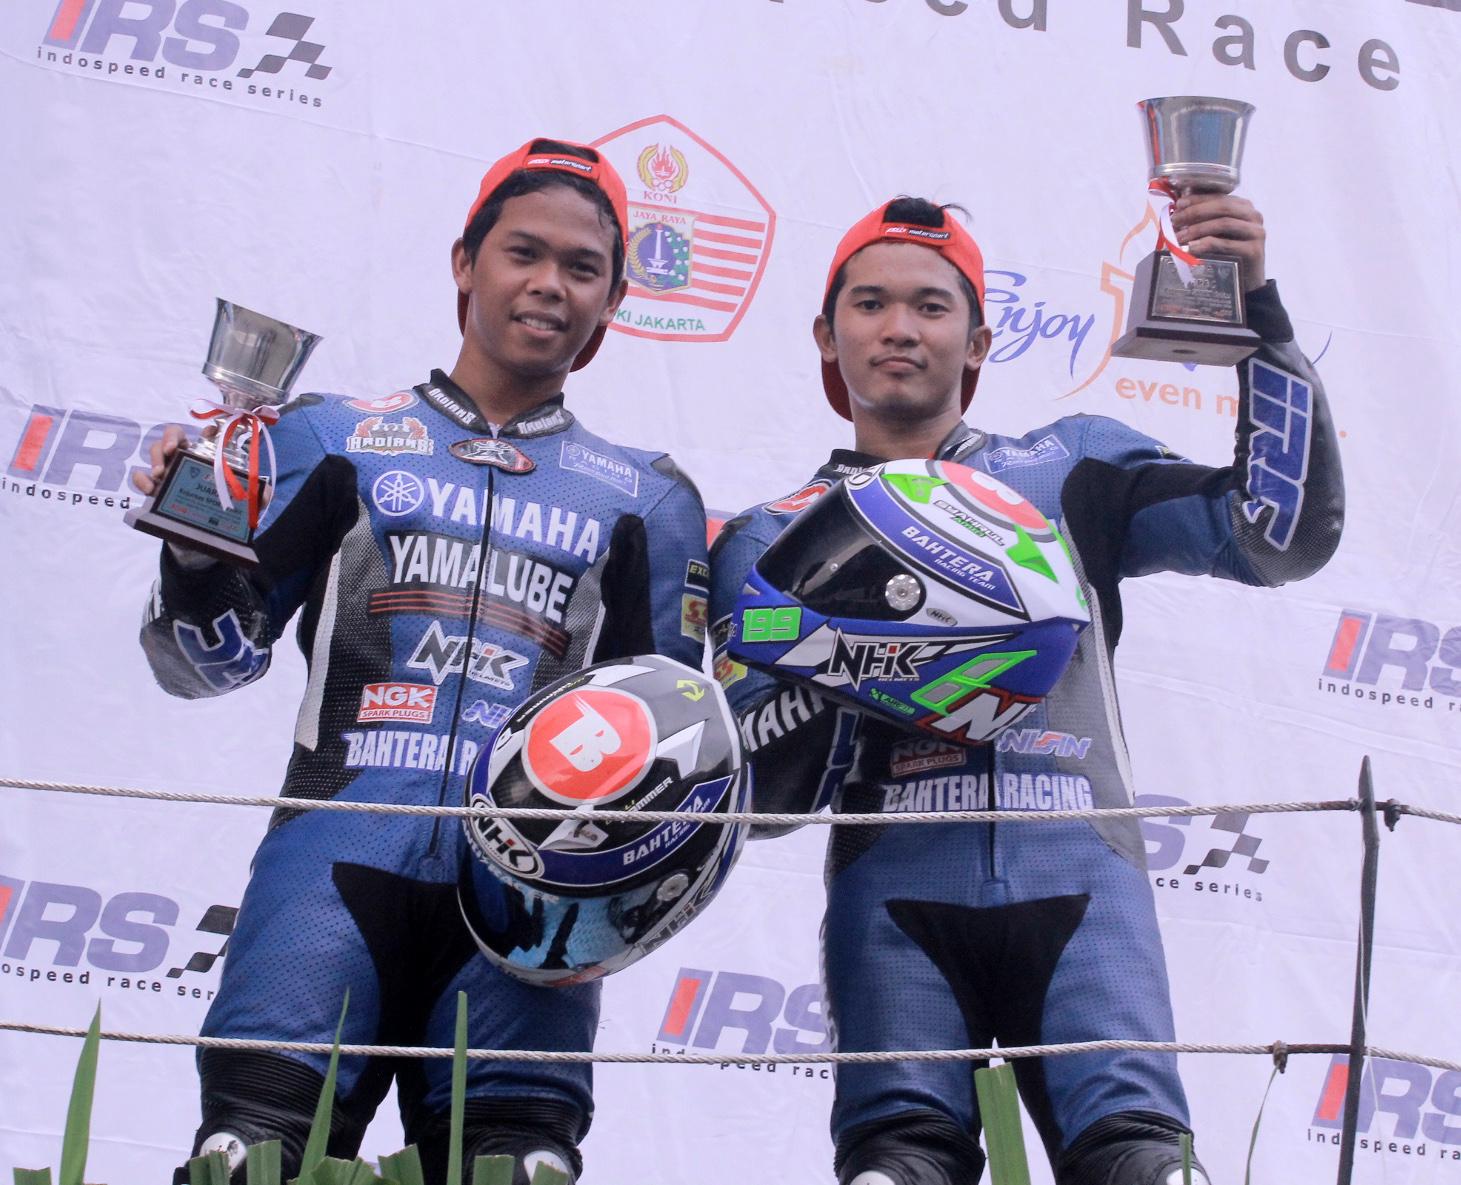 SYAHRUL AMIN & WILLY HAMMER. Penguasa klasemen teratas dan ke-2 Kejurnas IRS Sport 250 cc.jpg